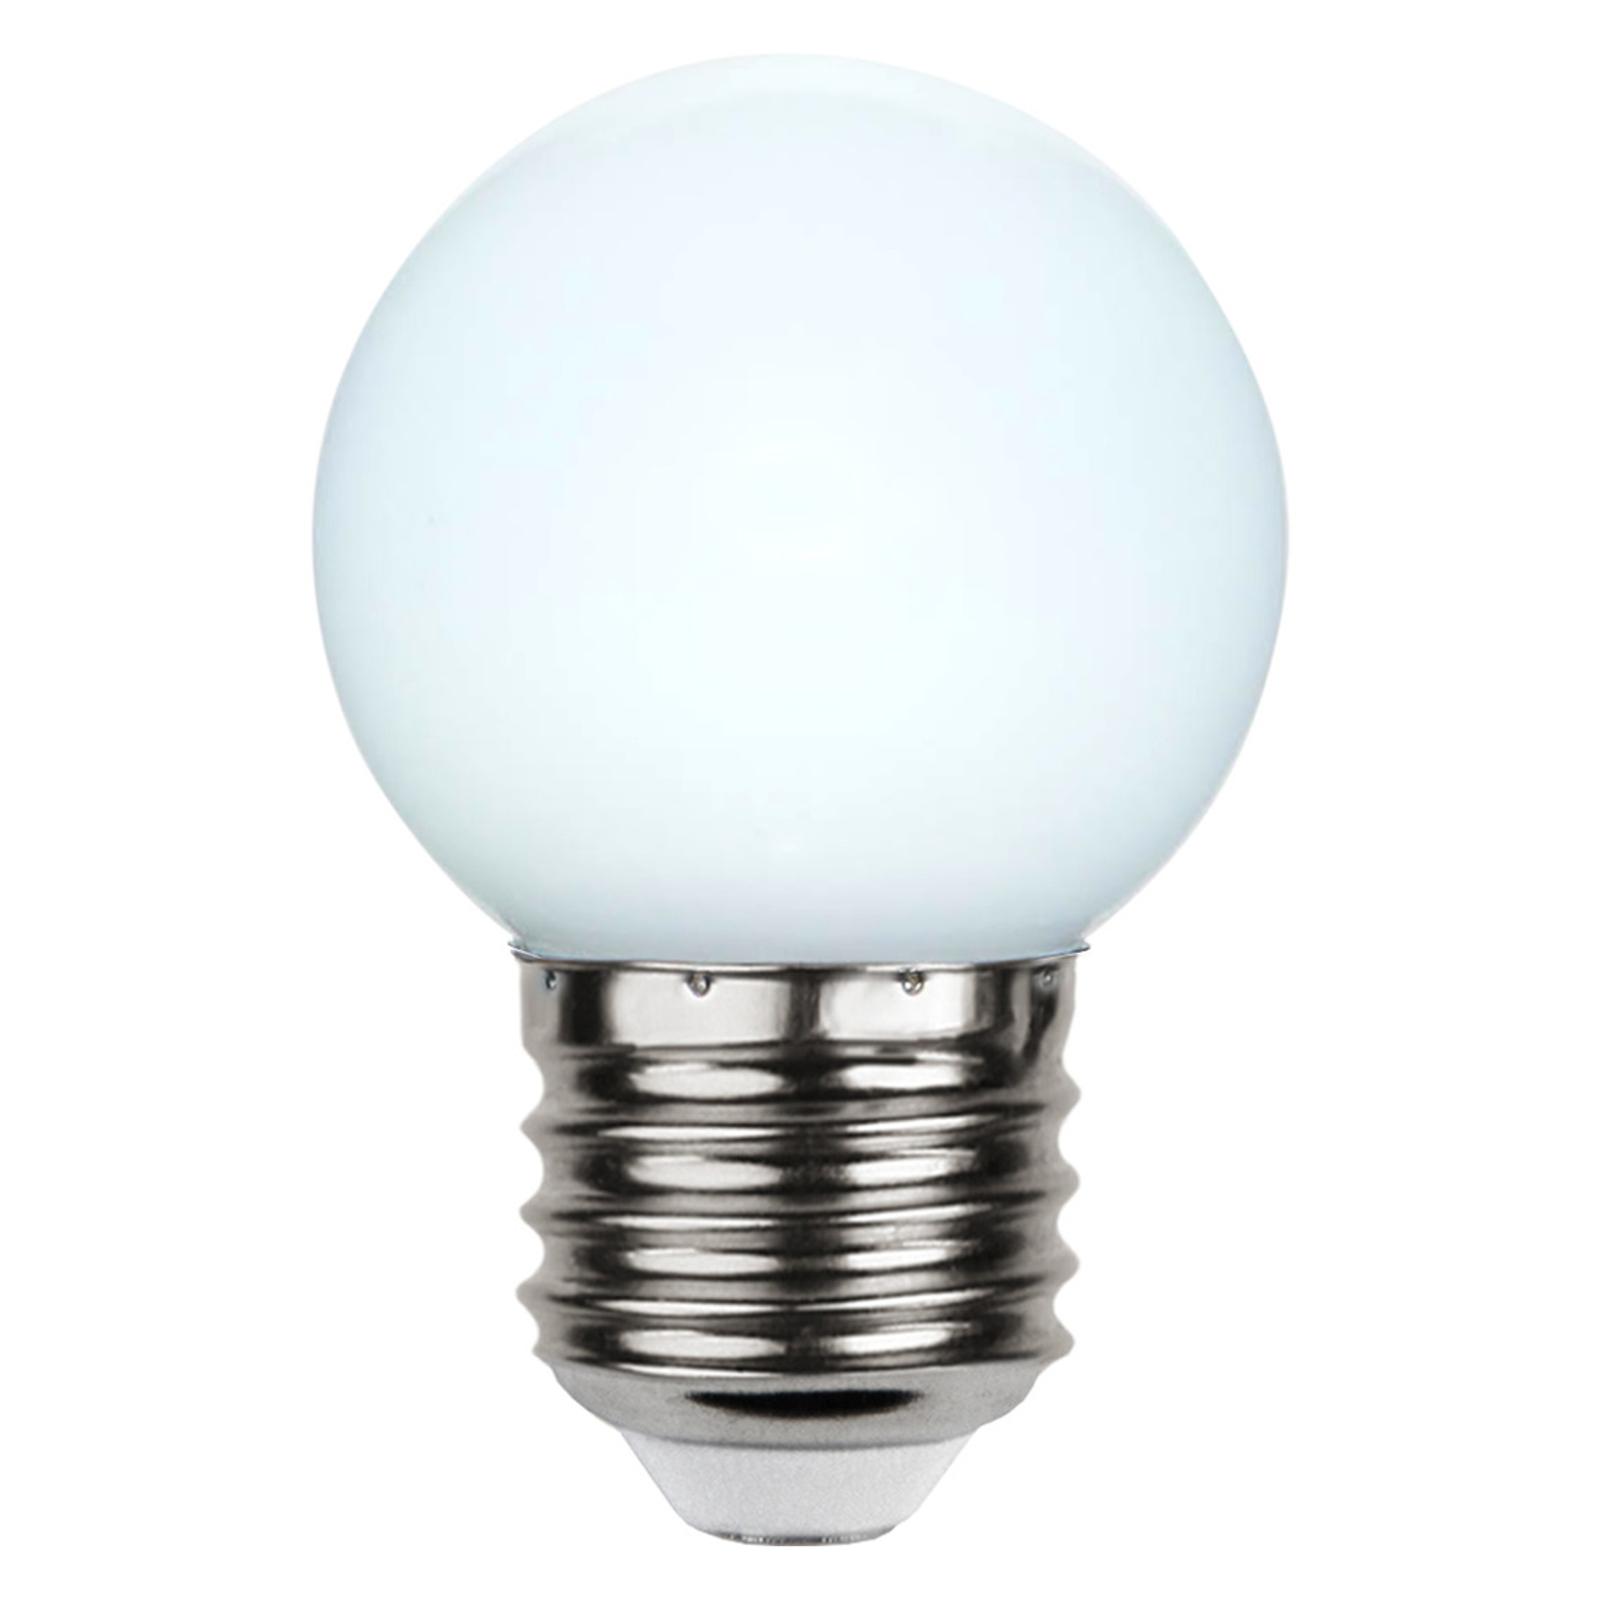 LED-pære E27 G45 for lyslenker, hvit 6500 K